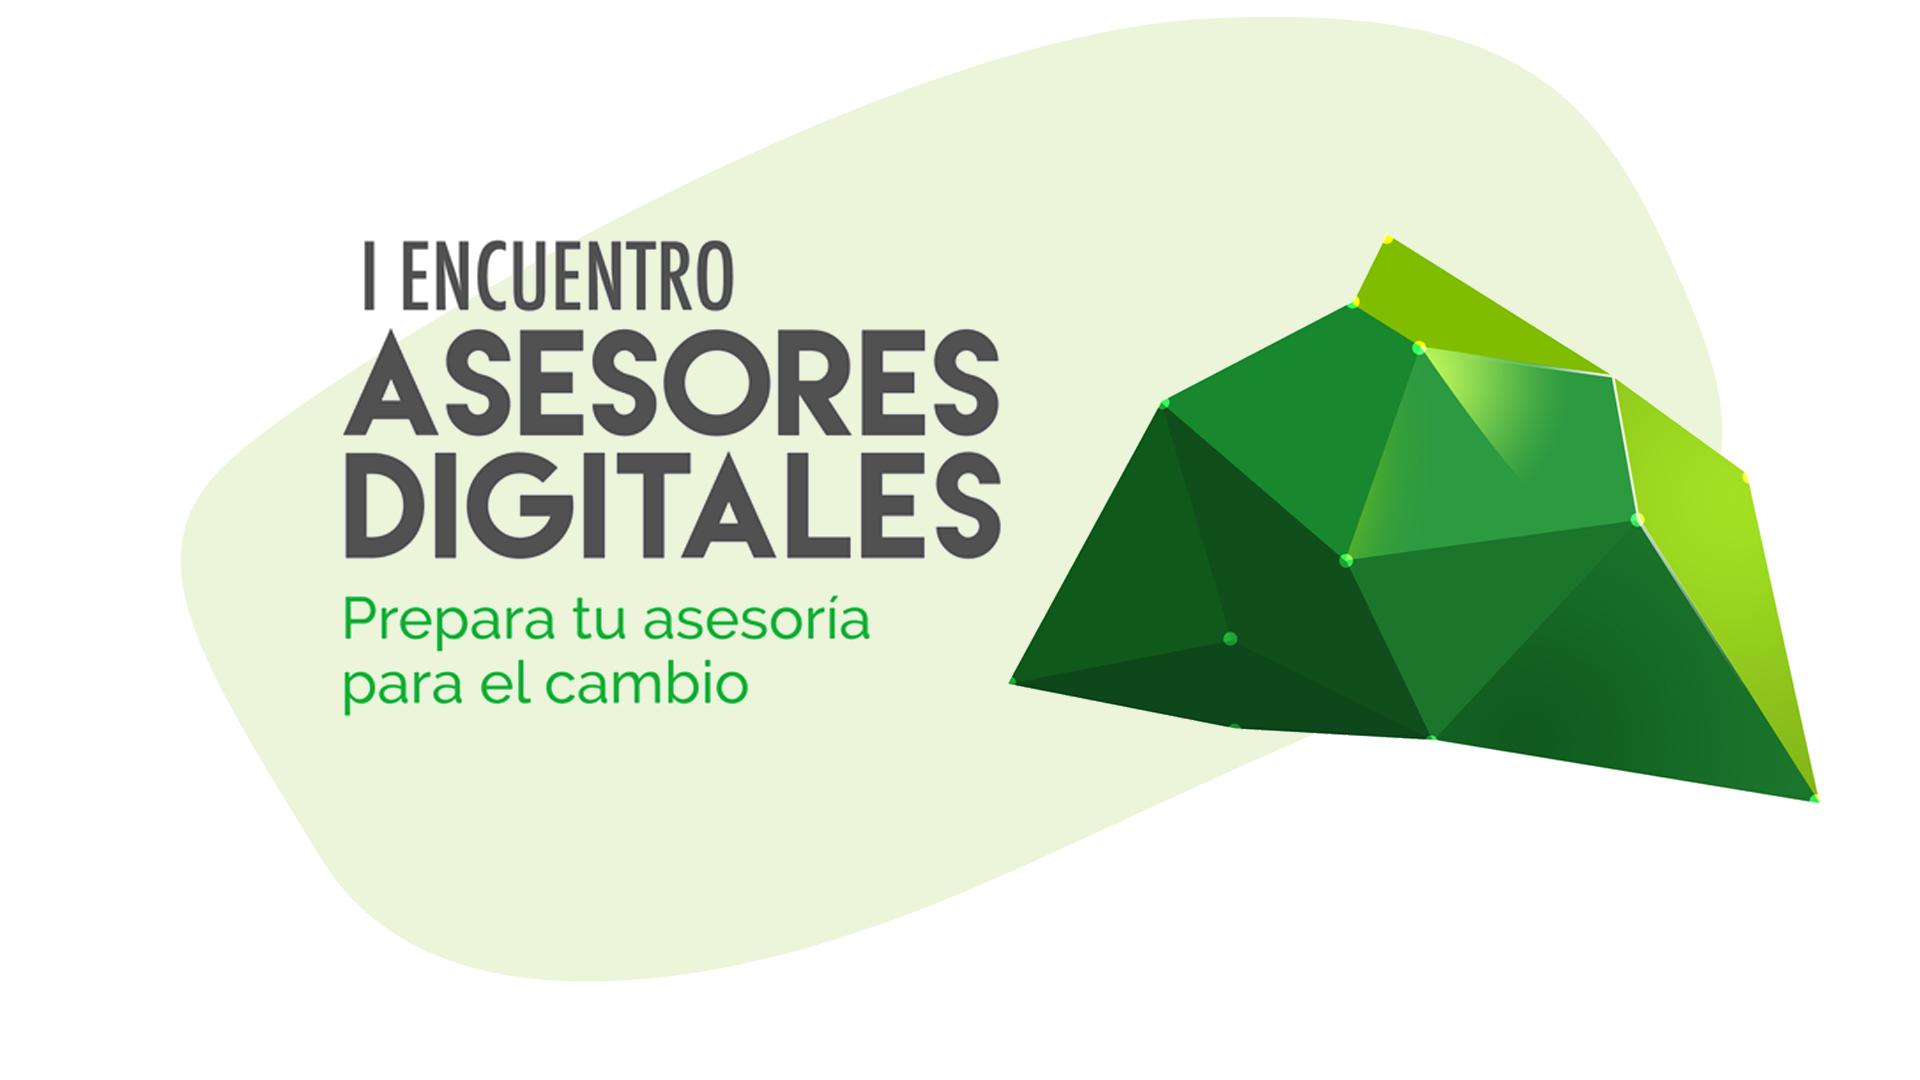 """Las 3 principales lecciones del """"I Encuentro Asesores Digitales"""""""